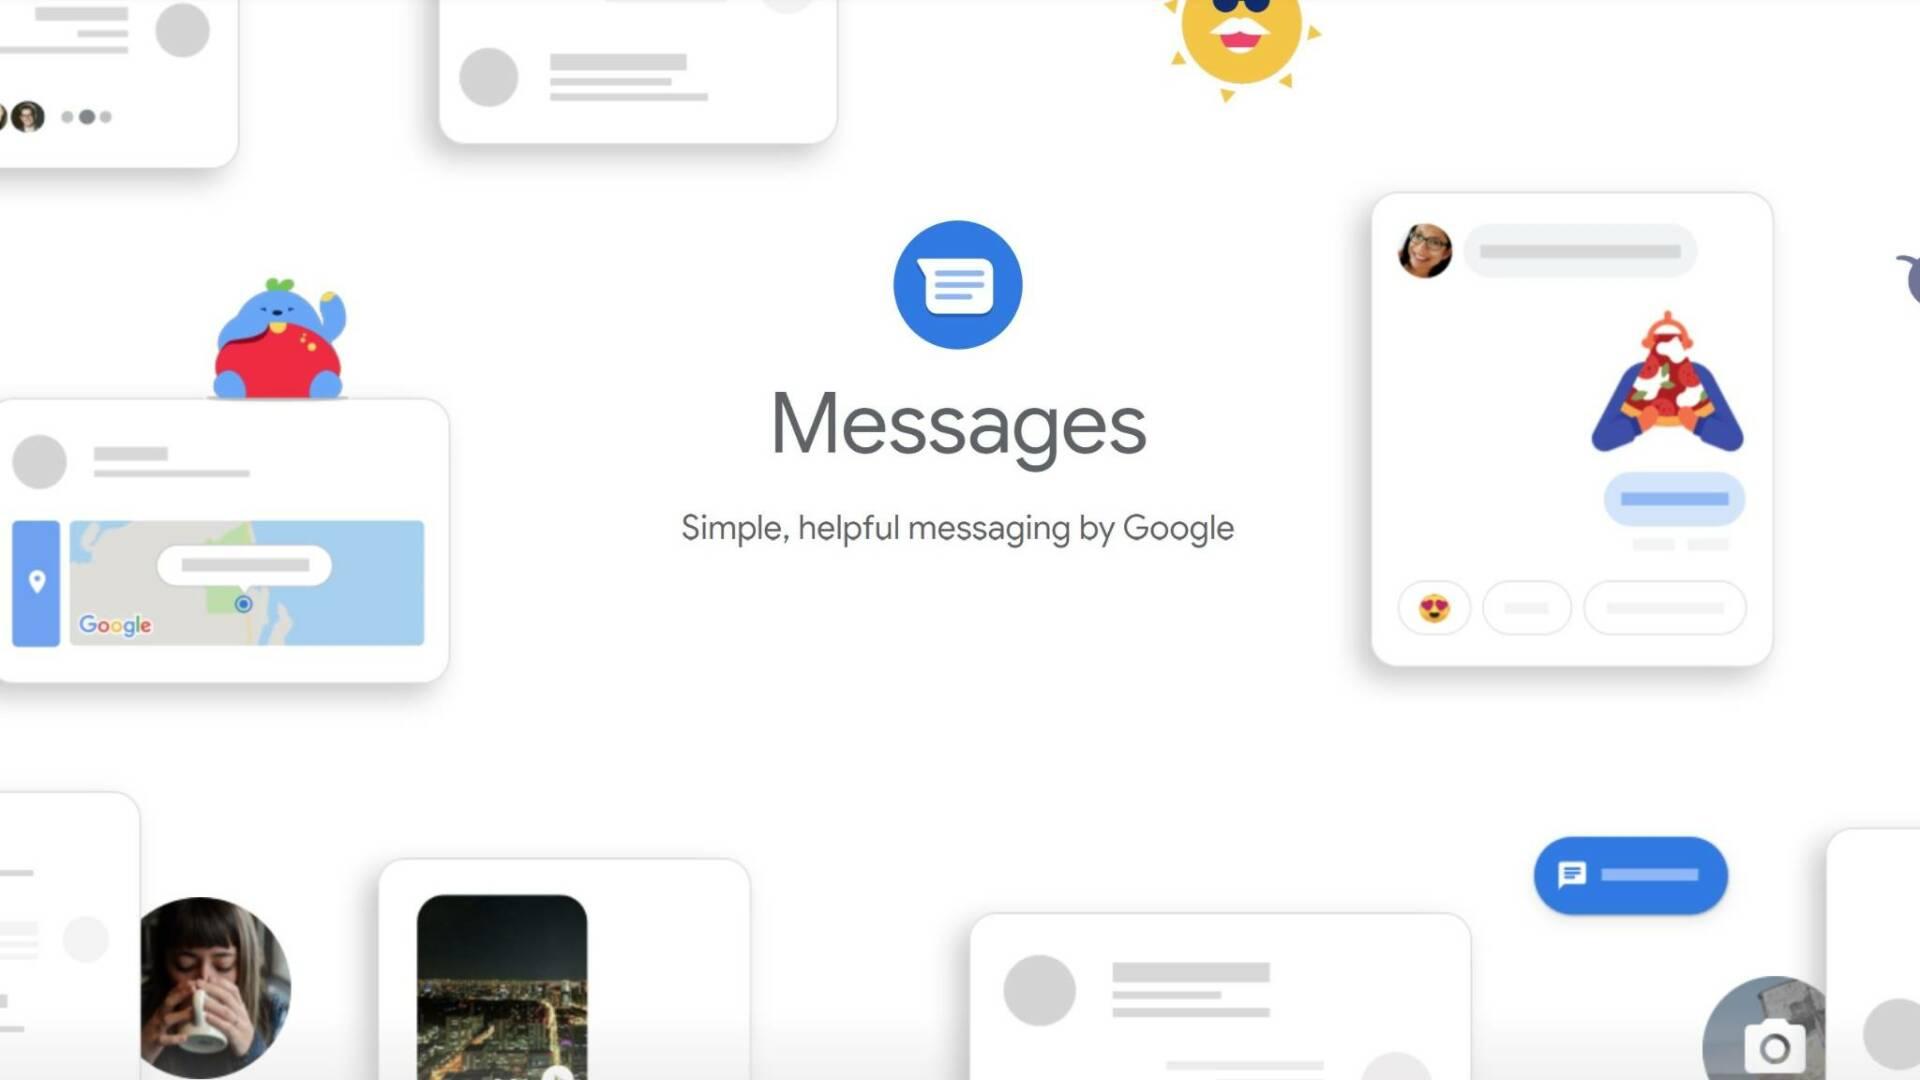 google messaggi (messages)